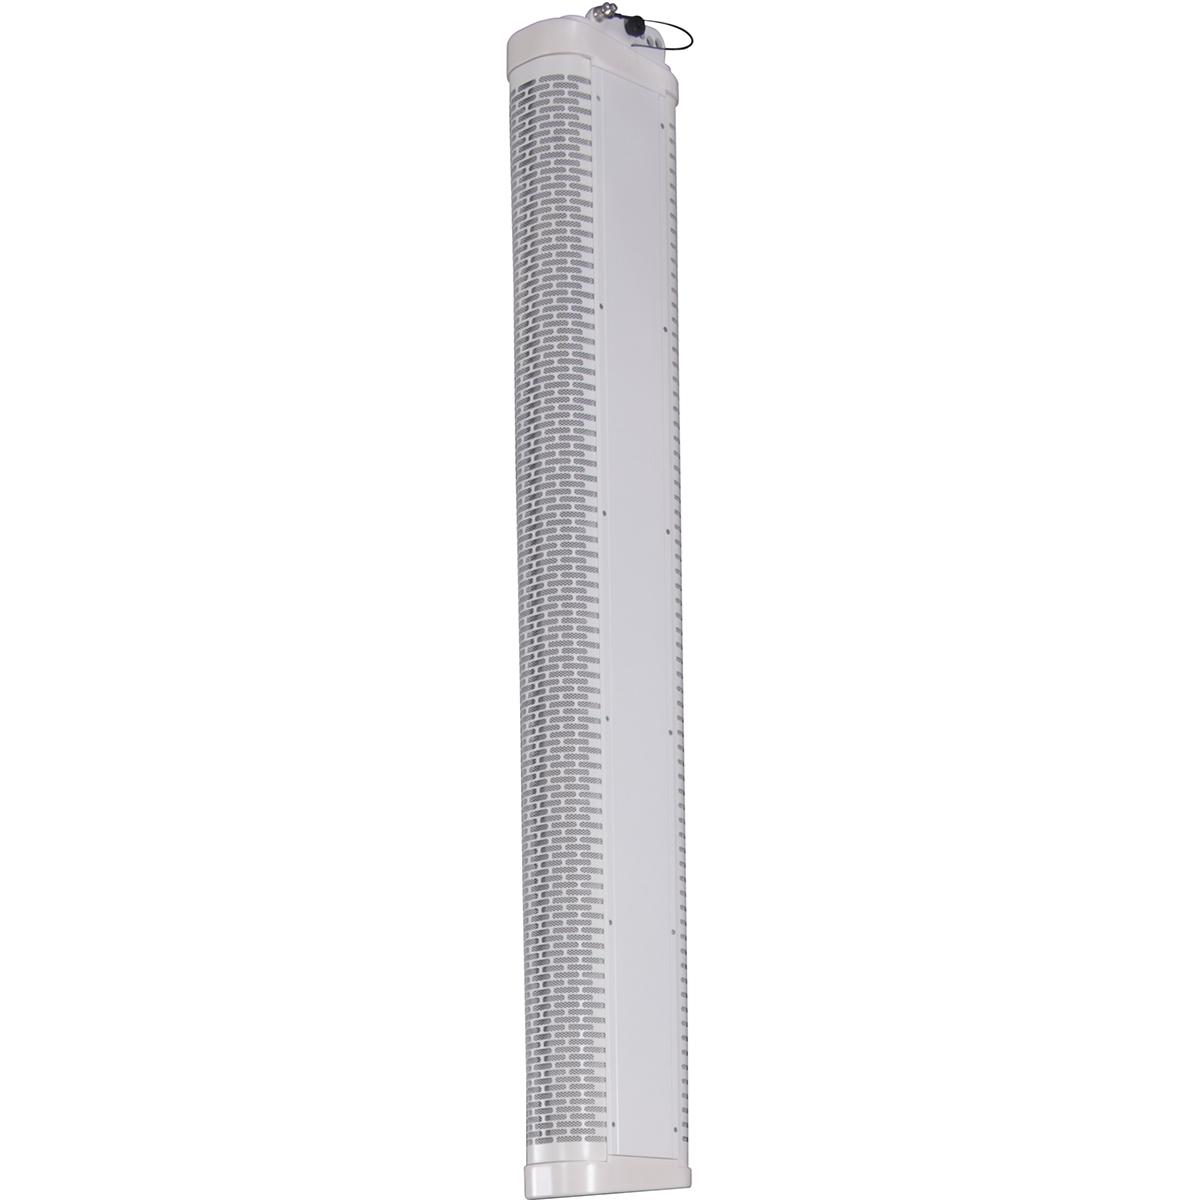 Axiom AX12CWH - Пассивный 12 х 3,5'' элемент вертикального линейного массива 360–720 Вт / 16 Ом, белого цвета